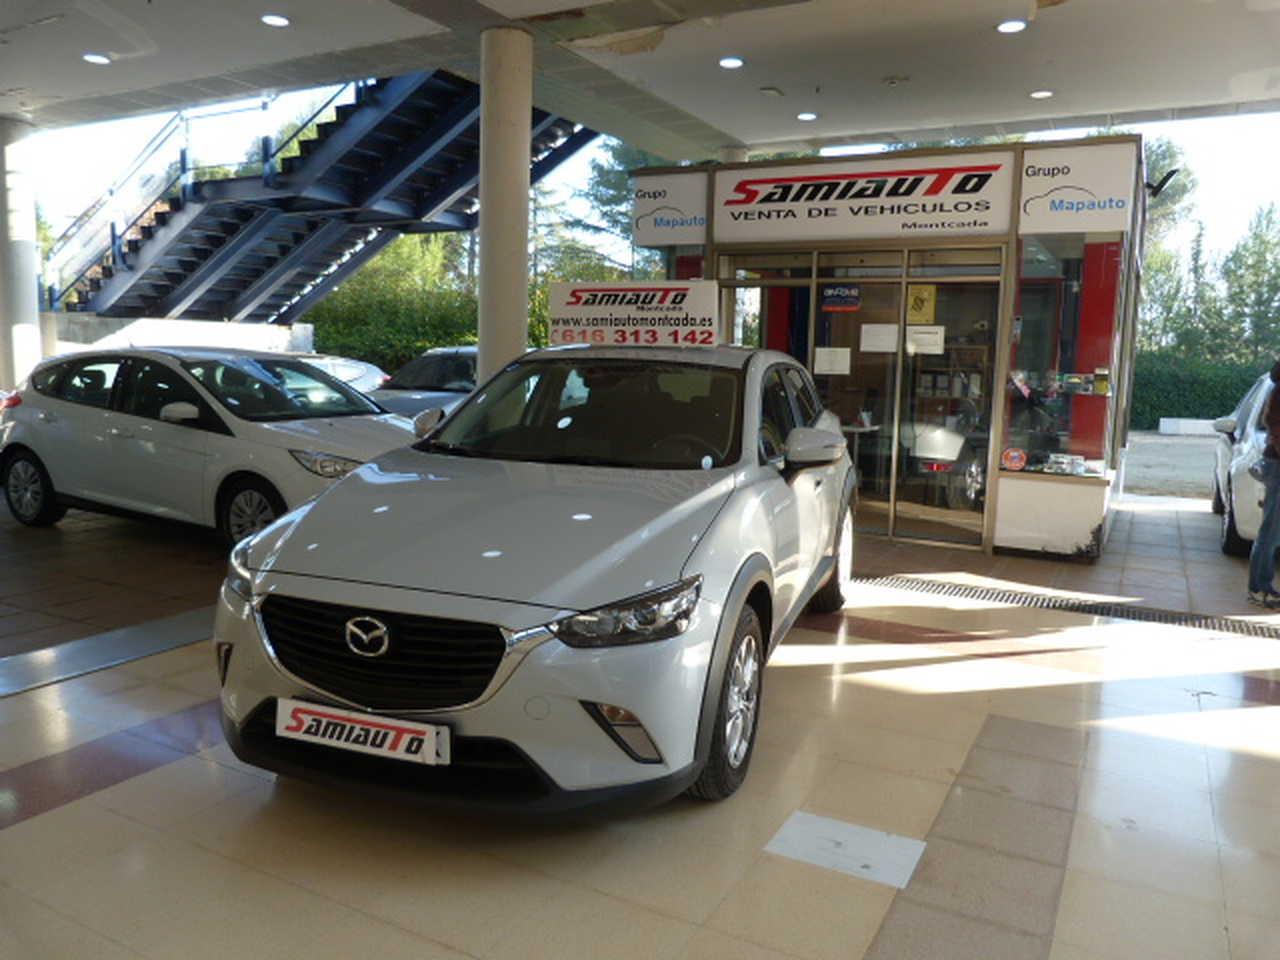 Mazda CX-3  CX3 2.0 SKYACTIV GE Style Nav 2WD AT 5p. un solo propietario libro de revisiones  - Foto 1